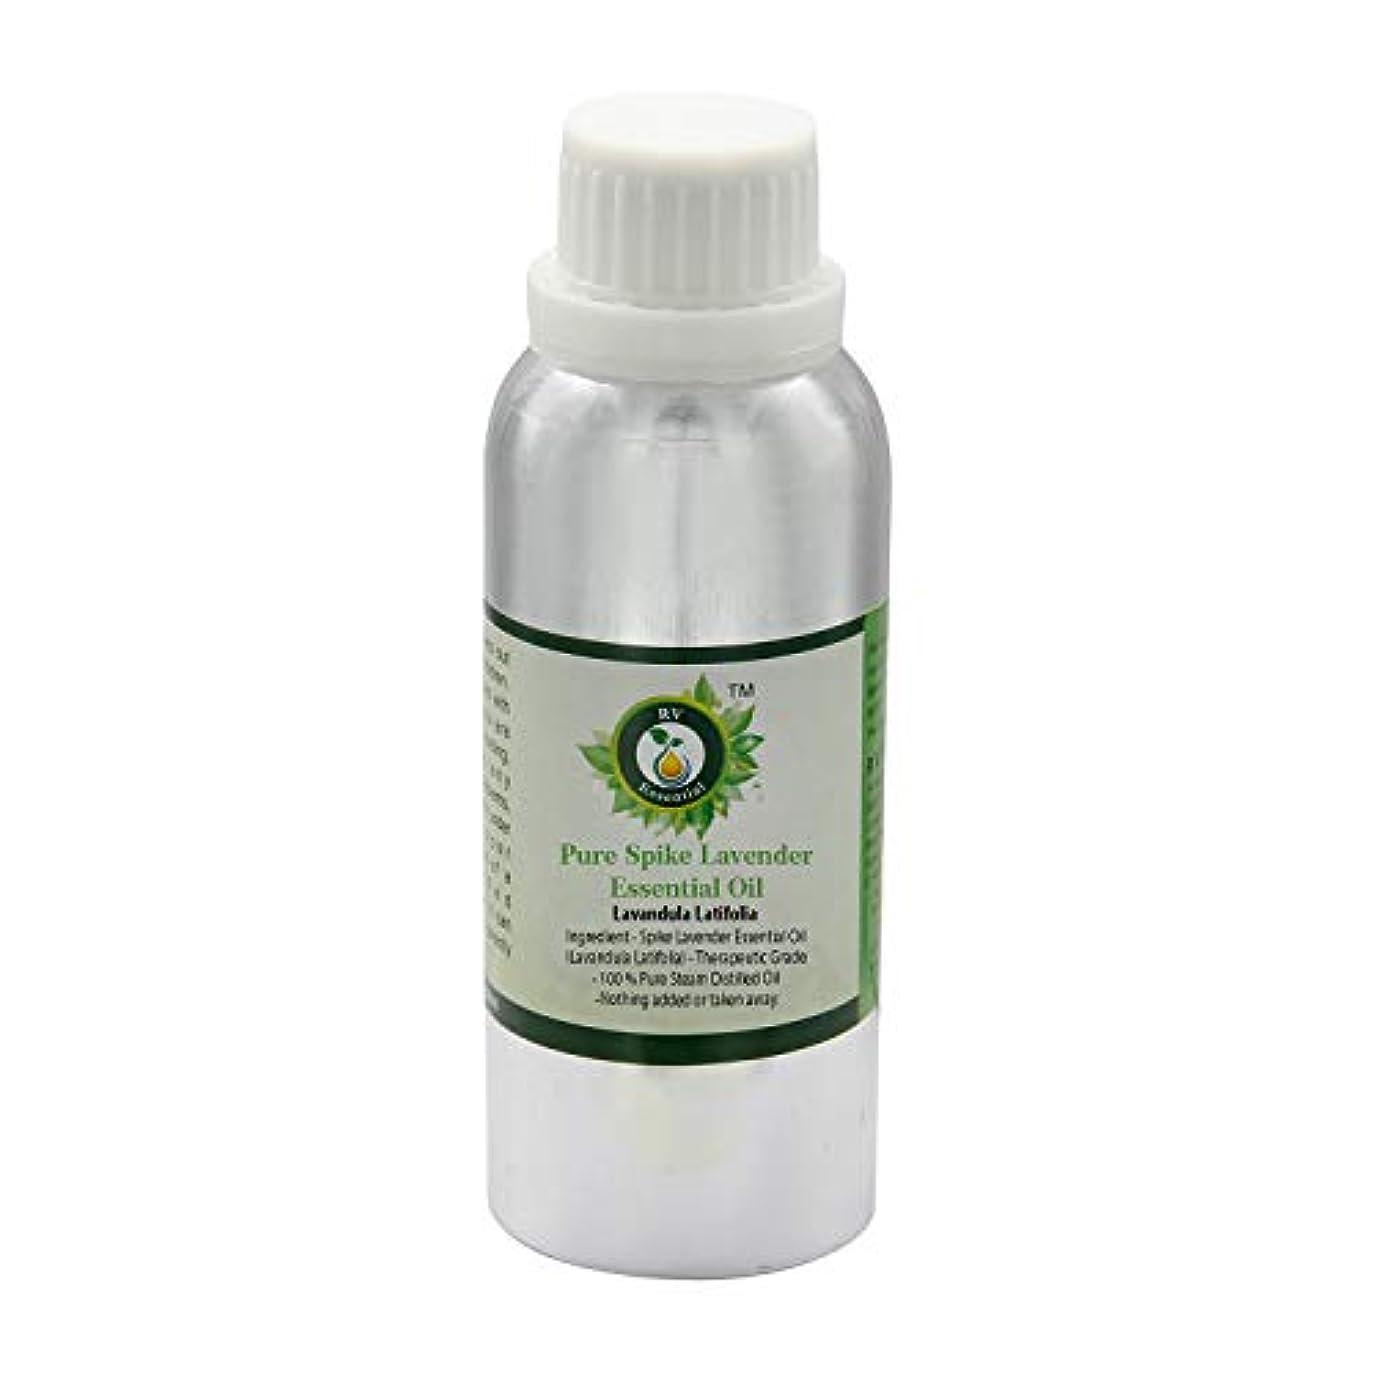 欠乏かごお気に入り純粋なスパイクラベンダーエッセンシャルオイル630ml (21oz)- Lavandula Latifolia (100%純粋&天然スチームDistilled) Pure Spike Lavender Essential...